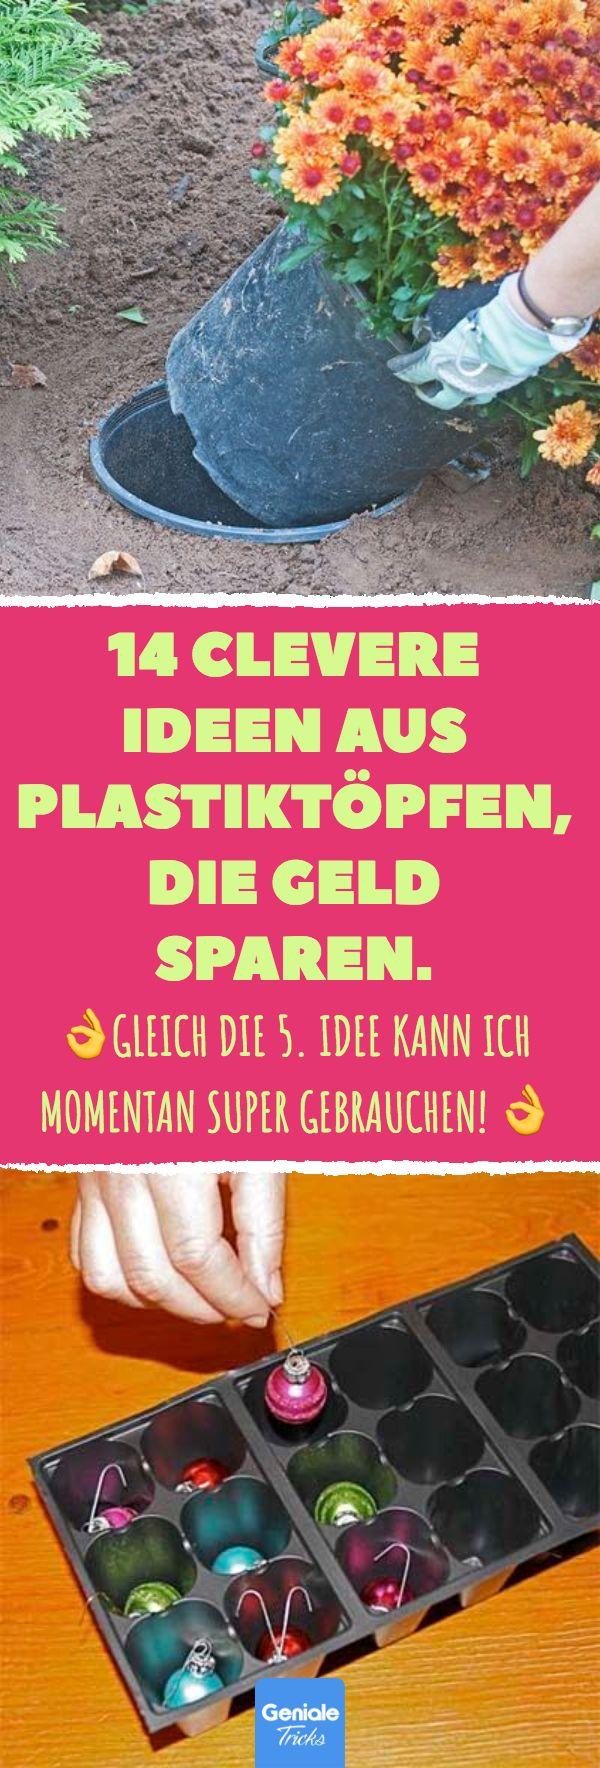 14 clevere Ideen aus Plastiktöpfen, die Geld sparen. 14 Tricks und Ideen, wie du Pflanztöpfe aus Plastik sinnvoll wiederverwenden kannst. #Pflanztöpfe #Upcycling #Plastiktöpfe #Blumentöpfe #Ordnung #DIY #Plastik #Müll #Garten #Ideen #Tricks